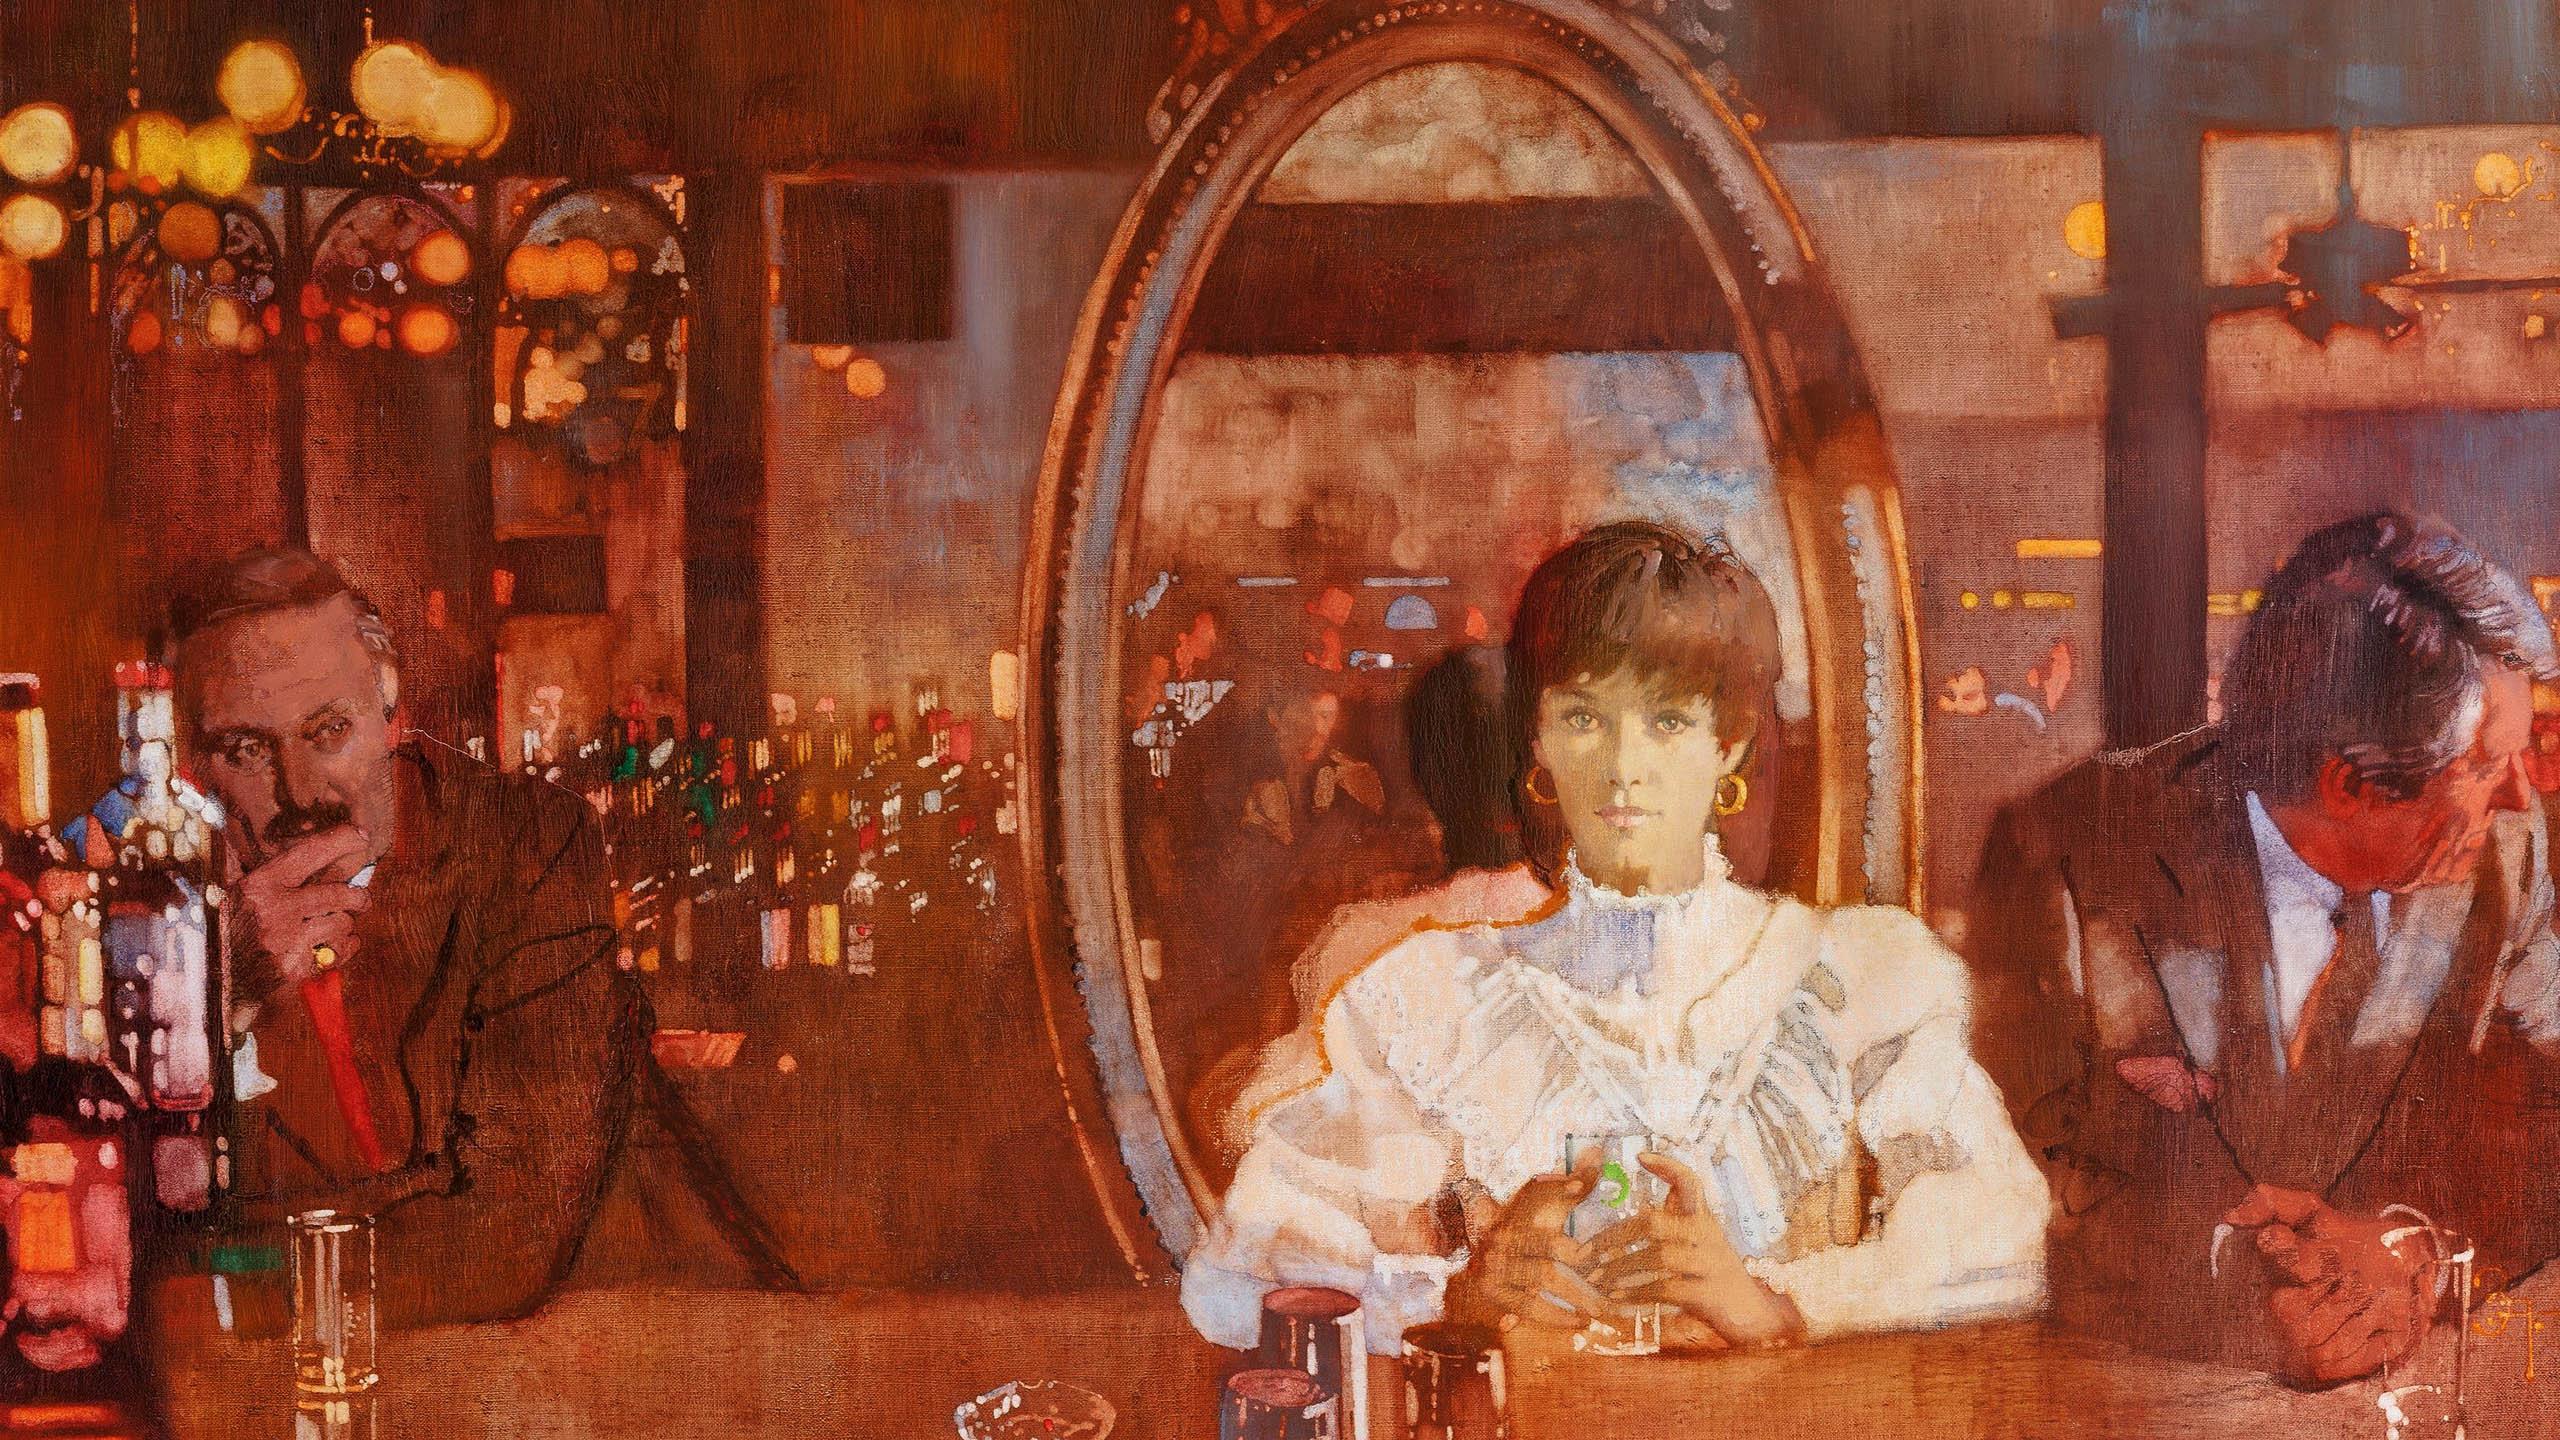 Bernie Fuchs - Woman at Bar 2560x1440